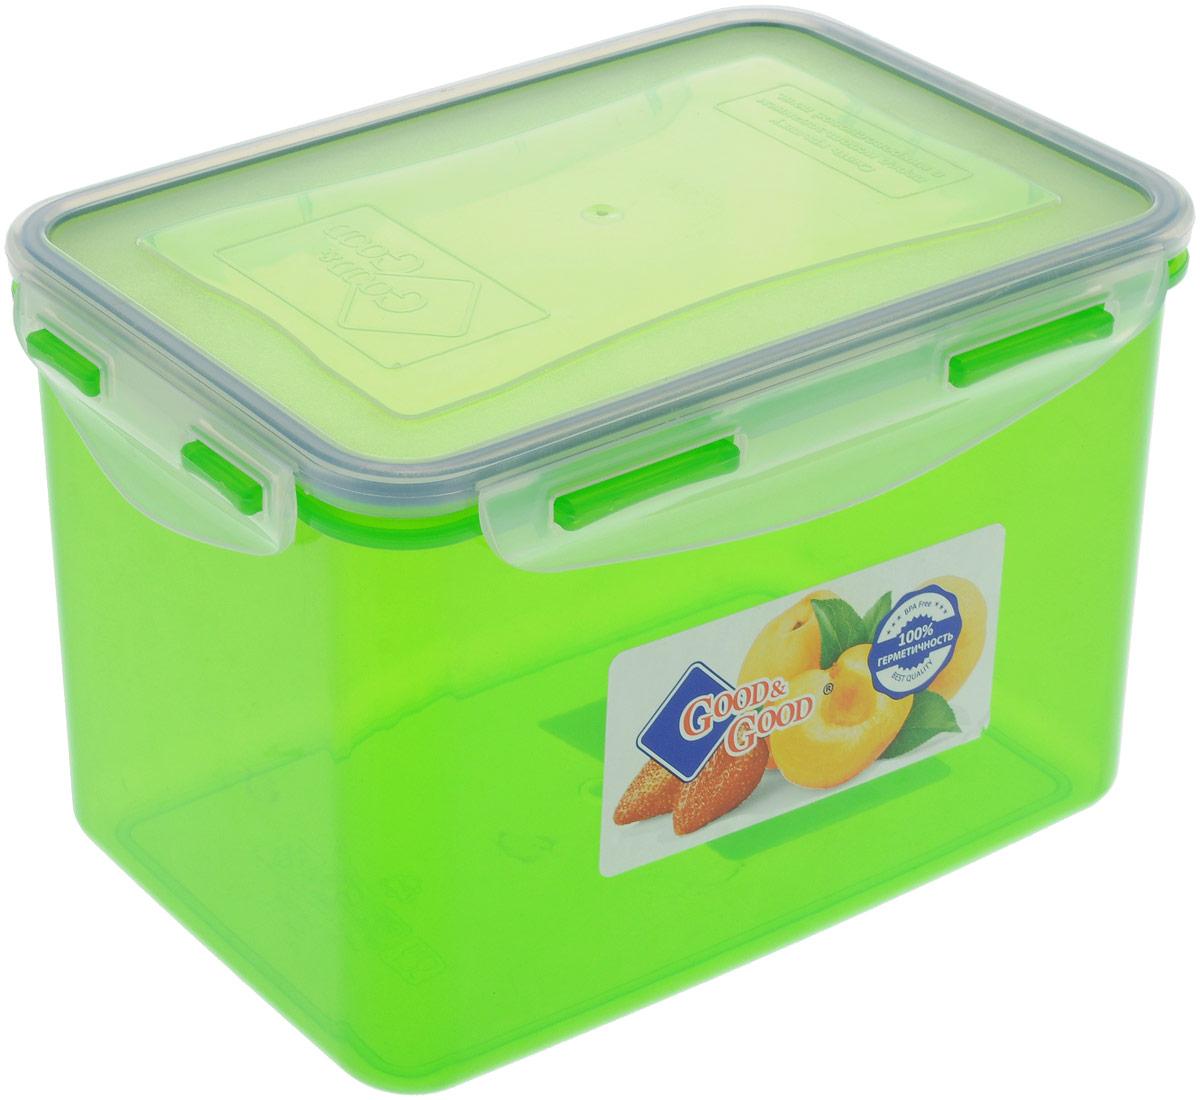 """Прямоугольный контейнер """"Good&Good"""" изготовлен из высококачественного полипропилена и  предназначен для хранения любых пищевых продуктов. Благодаря особым технологиям  изготовления, лотки в течение времени службы не меняют цвет и не пропитываются запахами.  Крышка с силиконовой вставкой герметично защелкивается специальным механизмом.  Контейнер """"Good&Good"""" удобен для ежедневного использования в быту. Можно мыть в посудомоечной машине и использовать в микроволновой печи. Размер контейнера (с учетом крышки): 19,5 х 11 х 12,5 см."""